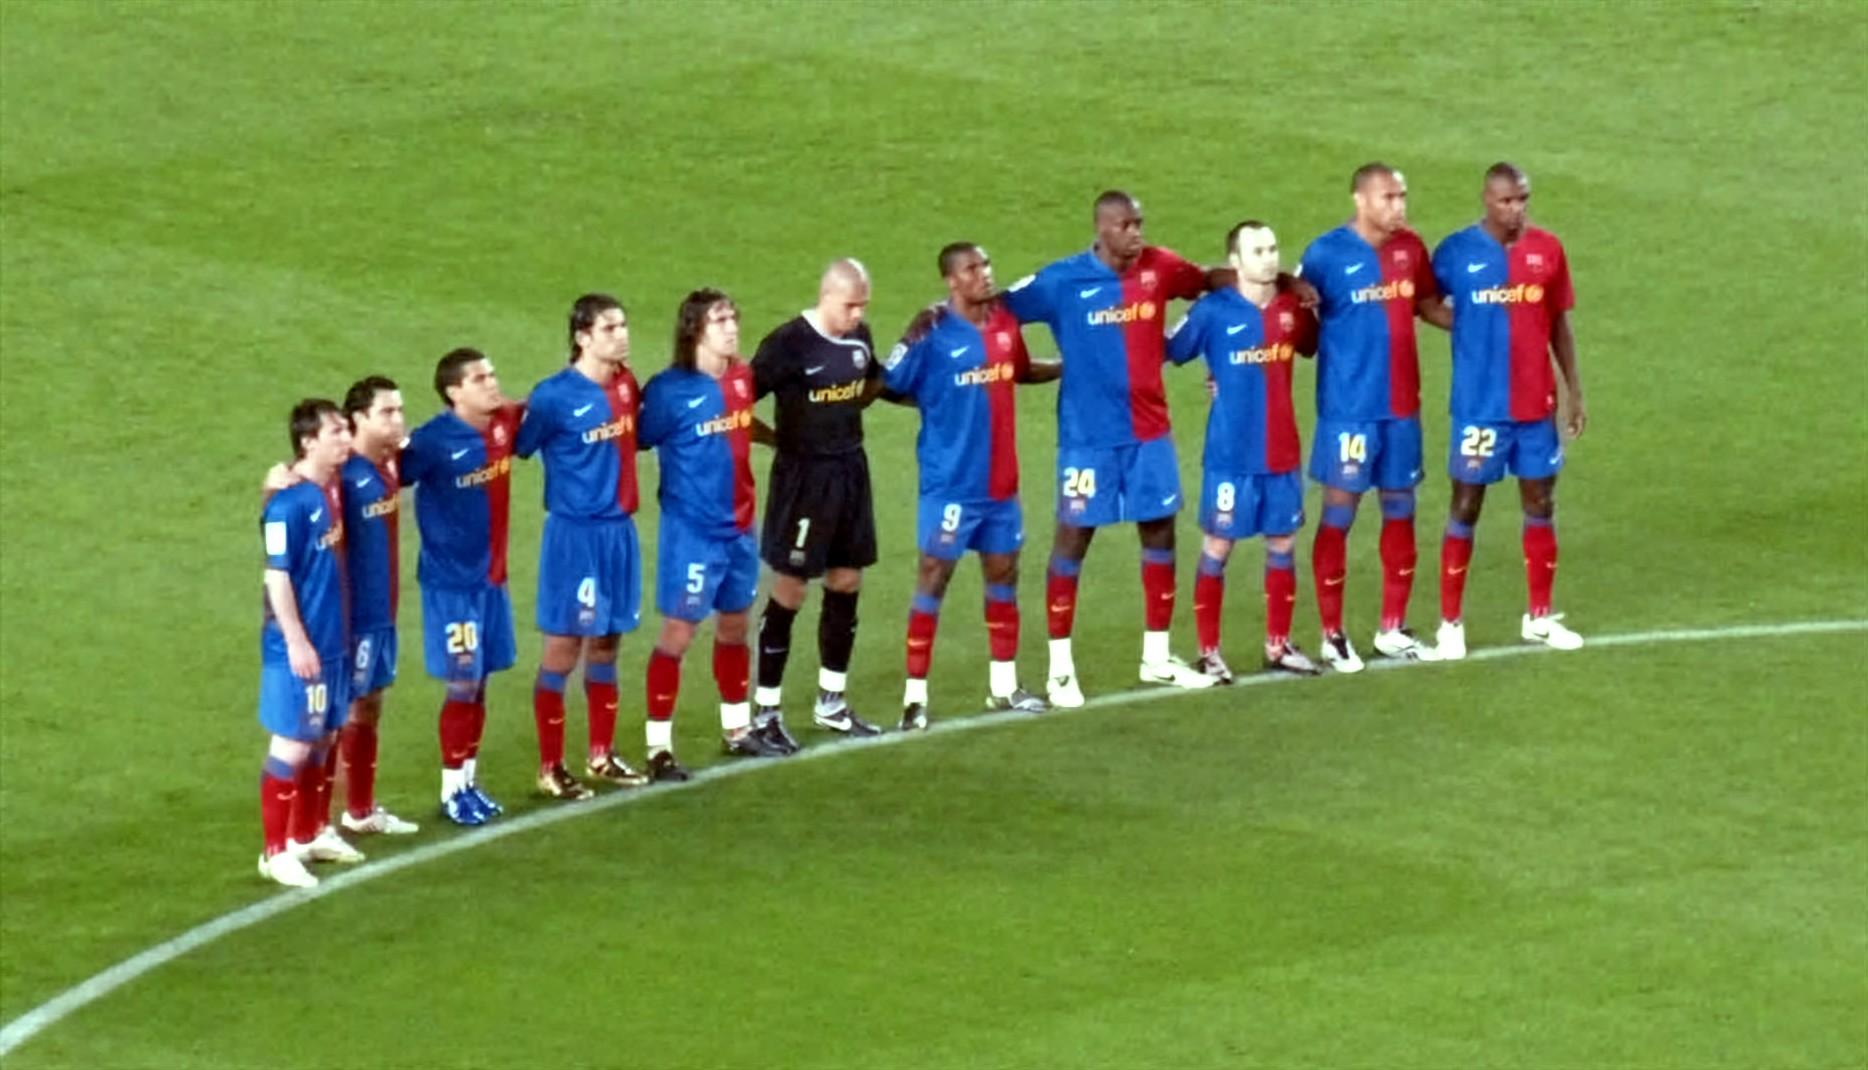 Футбольный клуб барселона лига чемпионов 2008 2009